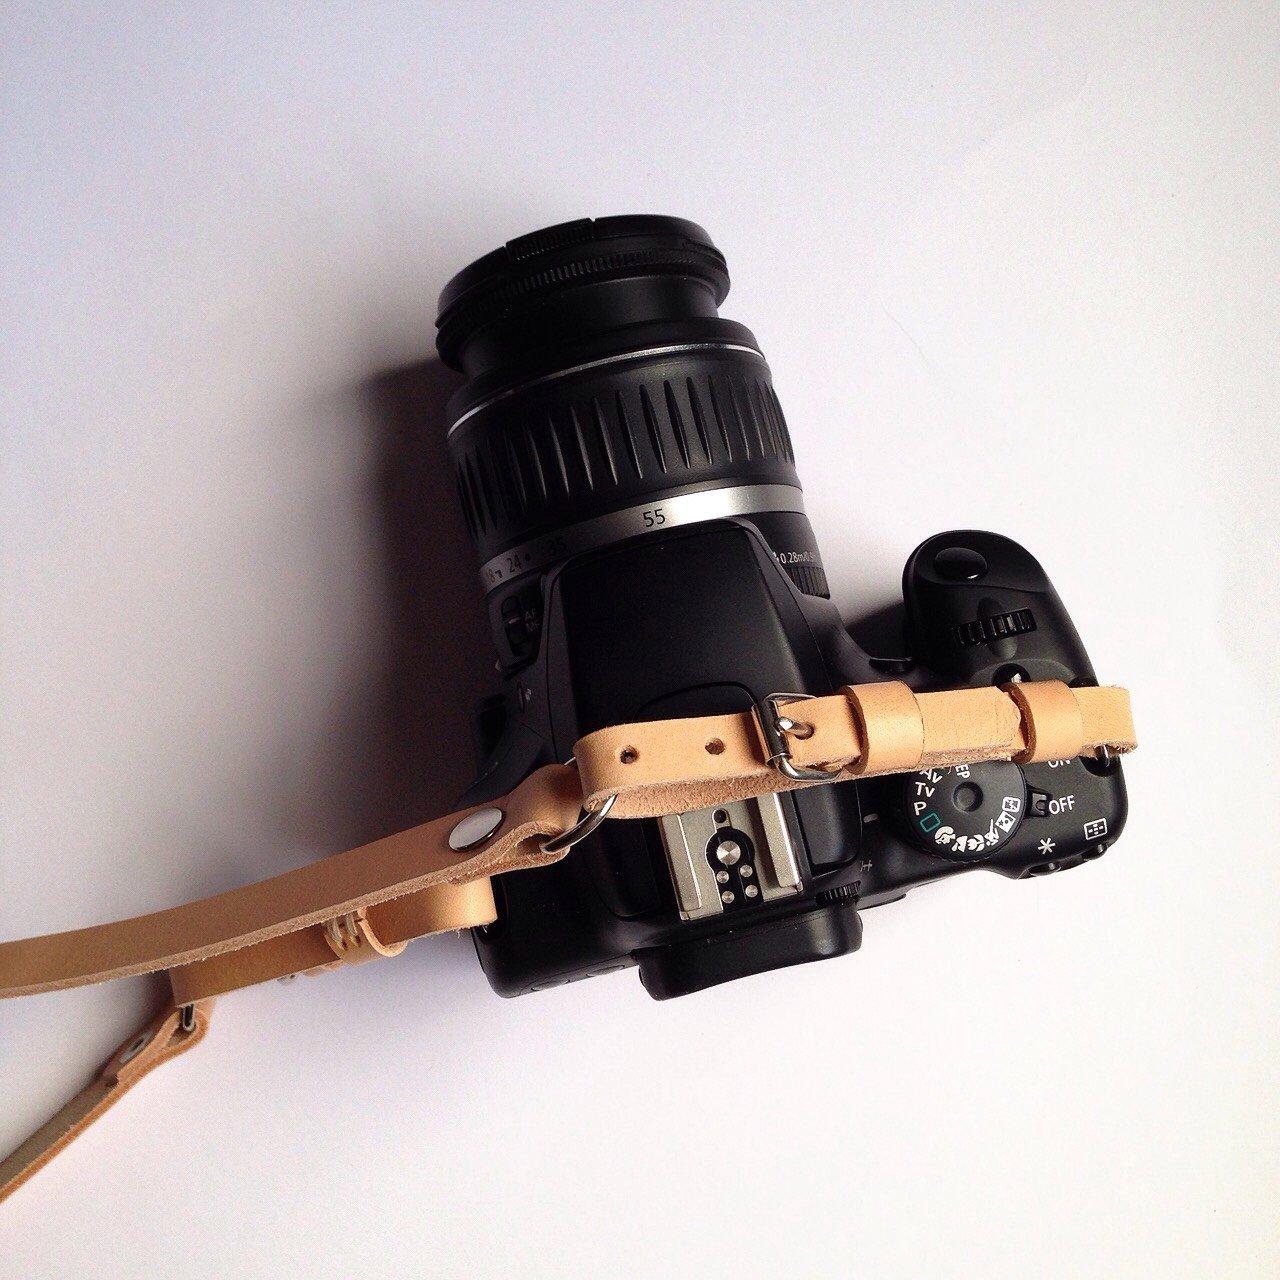 Camera Strap Tan - Kamerarem i läder